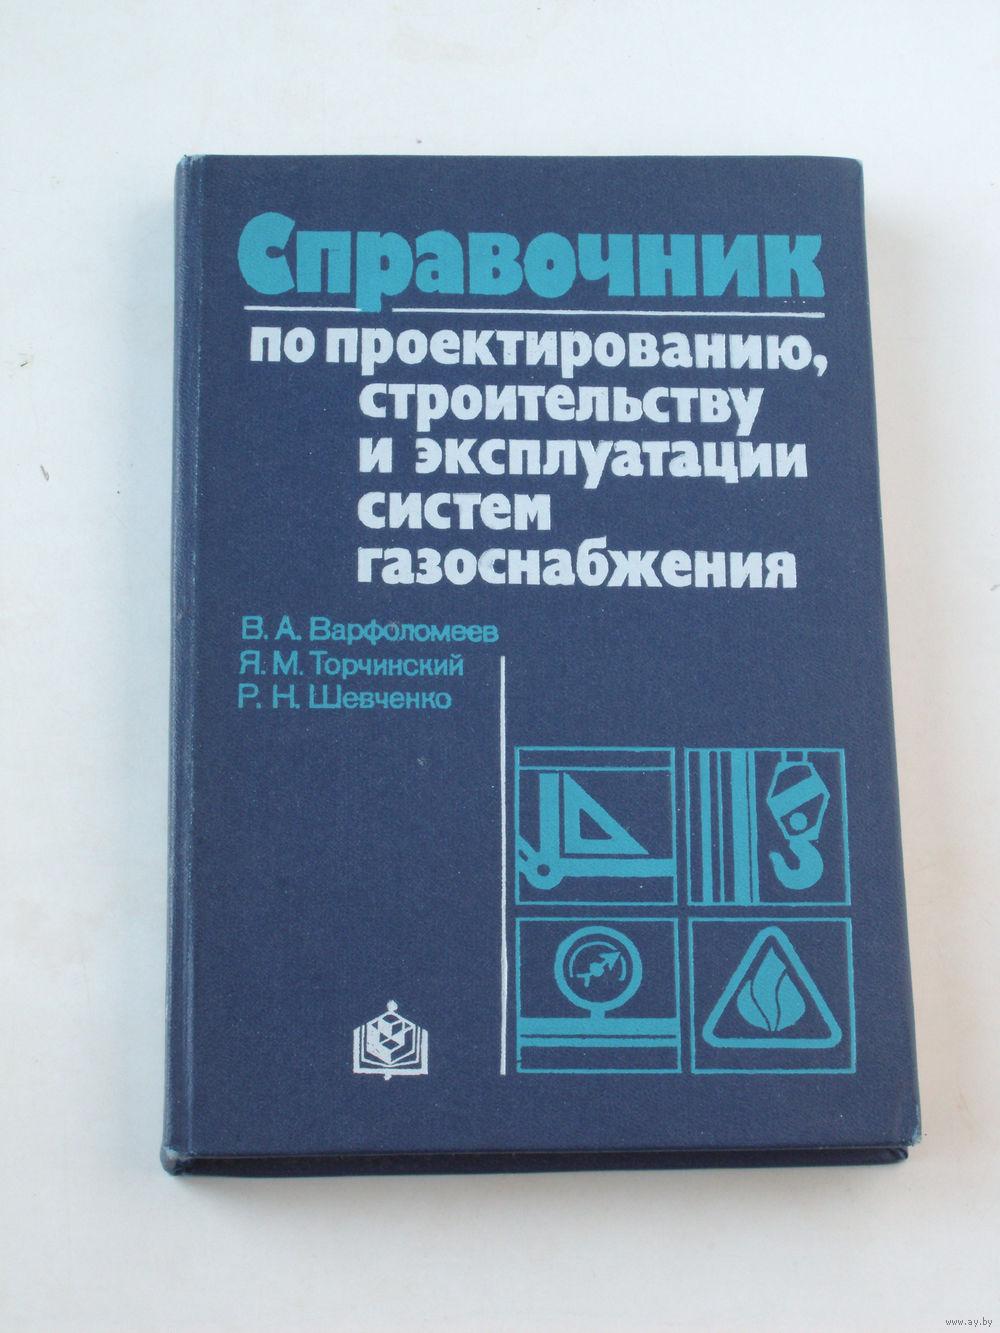 справочник по проектированию оснастки для переработки пластмасс